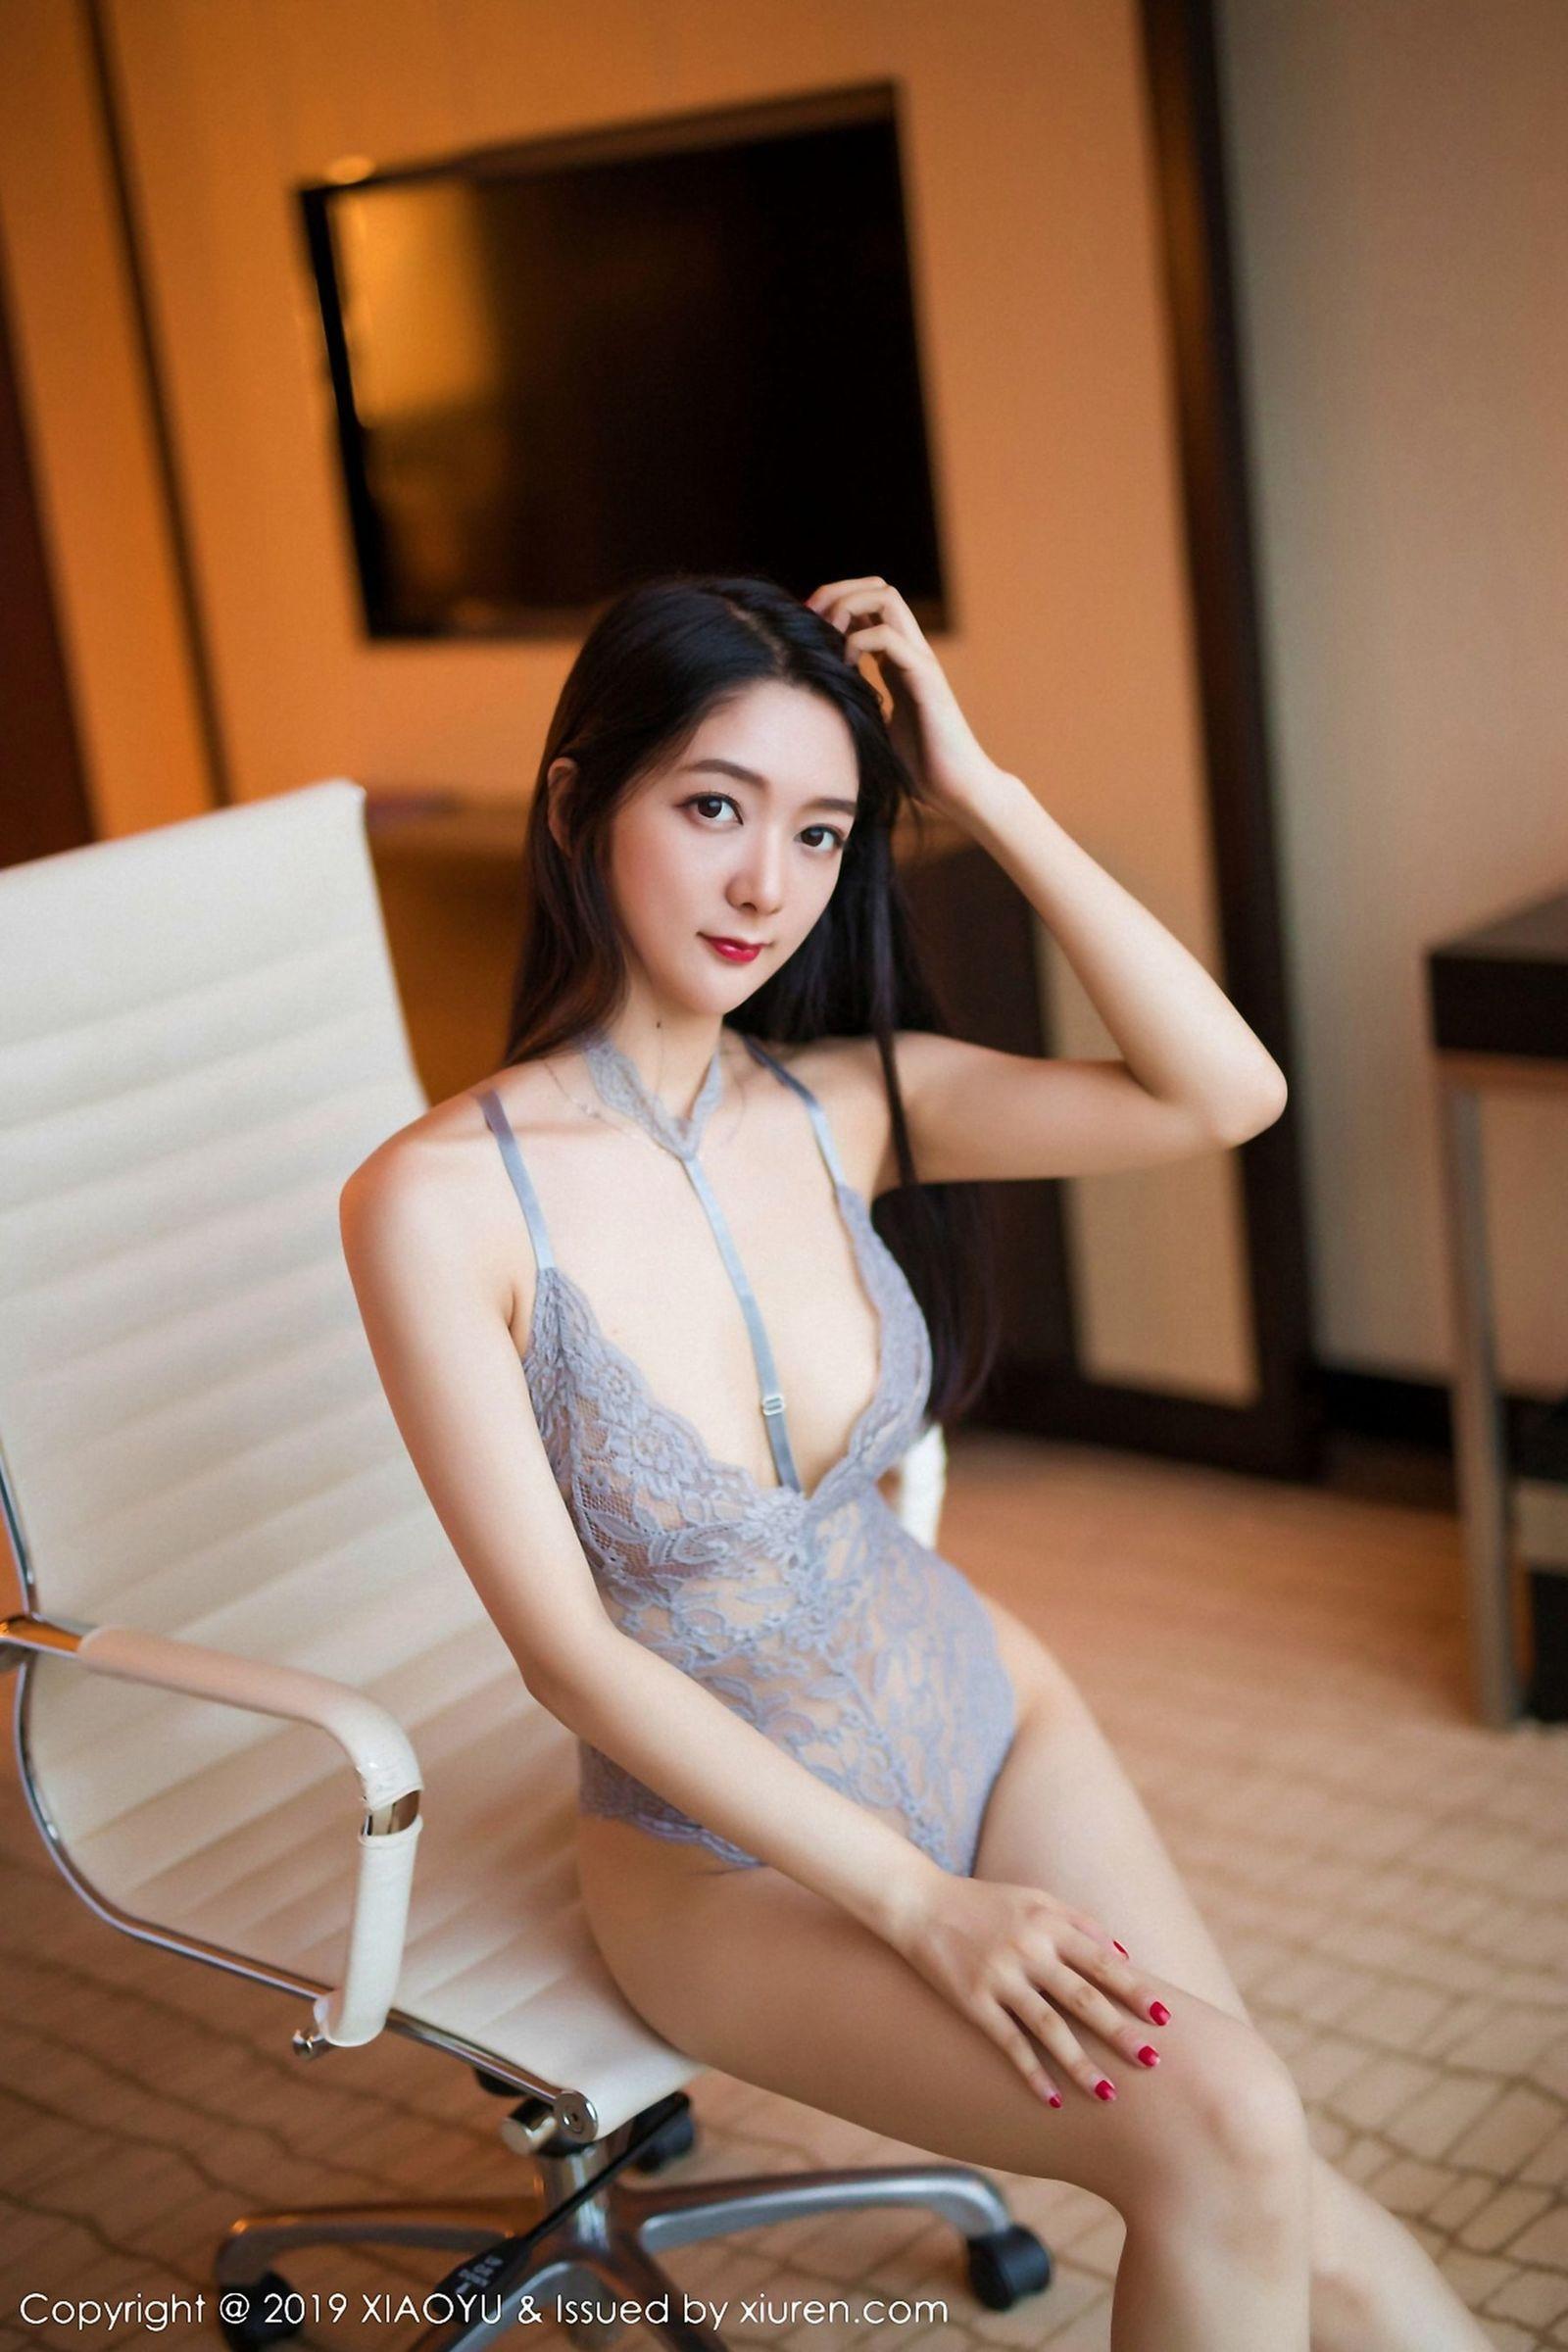 2ORBK-011御姐控宅男最爱福利高冷美女黑丝包臀裙魔鬼身材美女拍拍